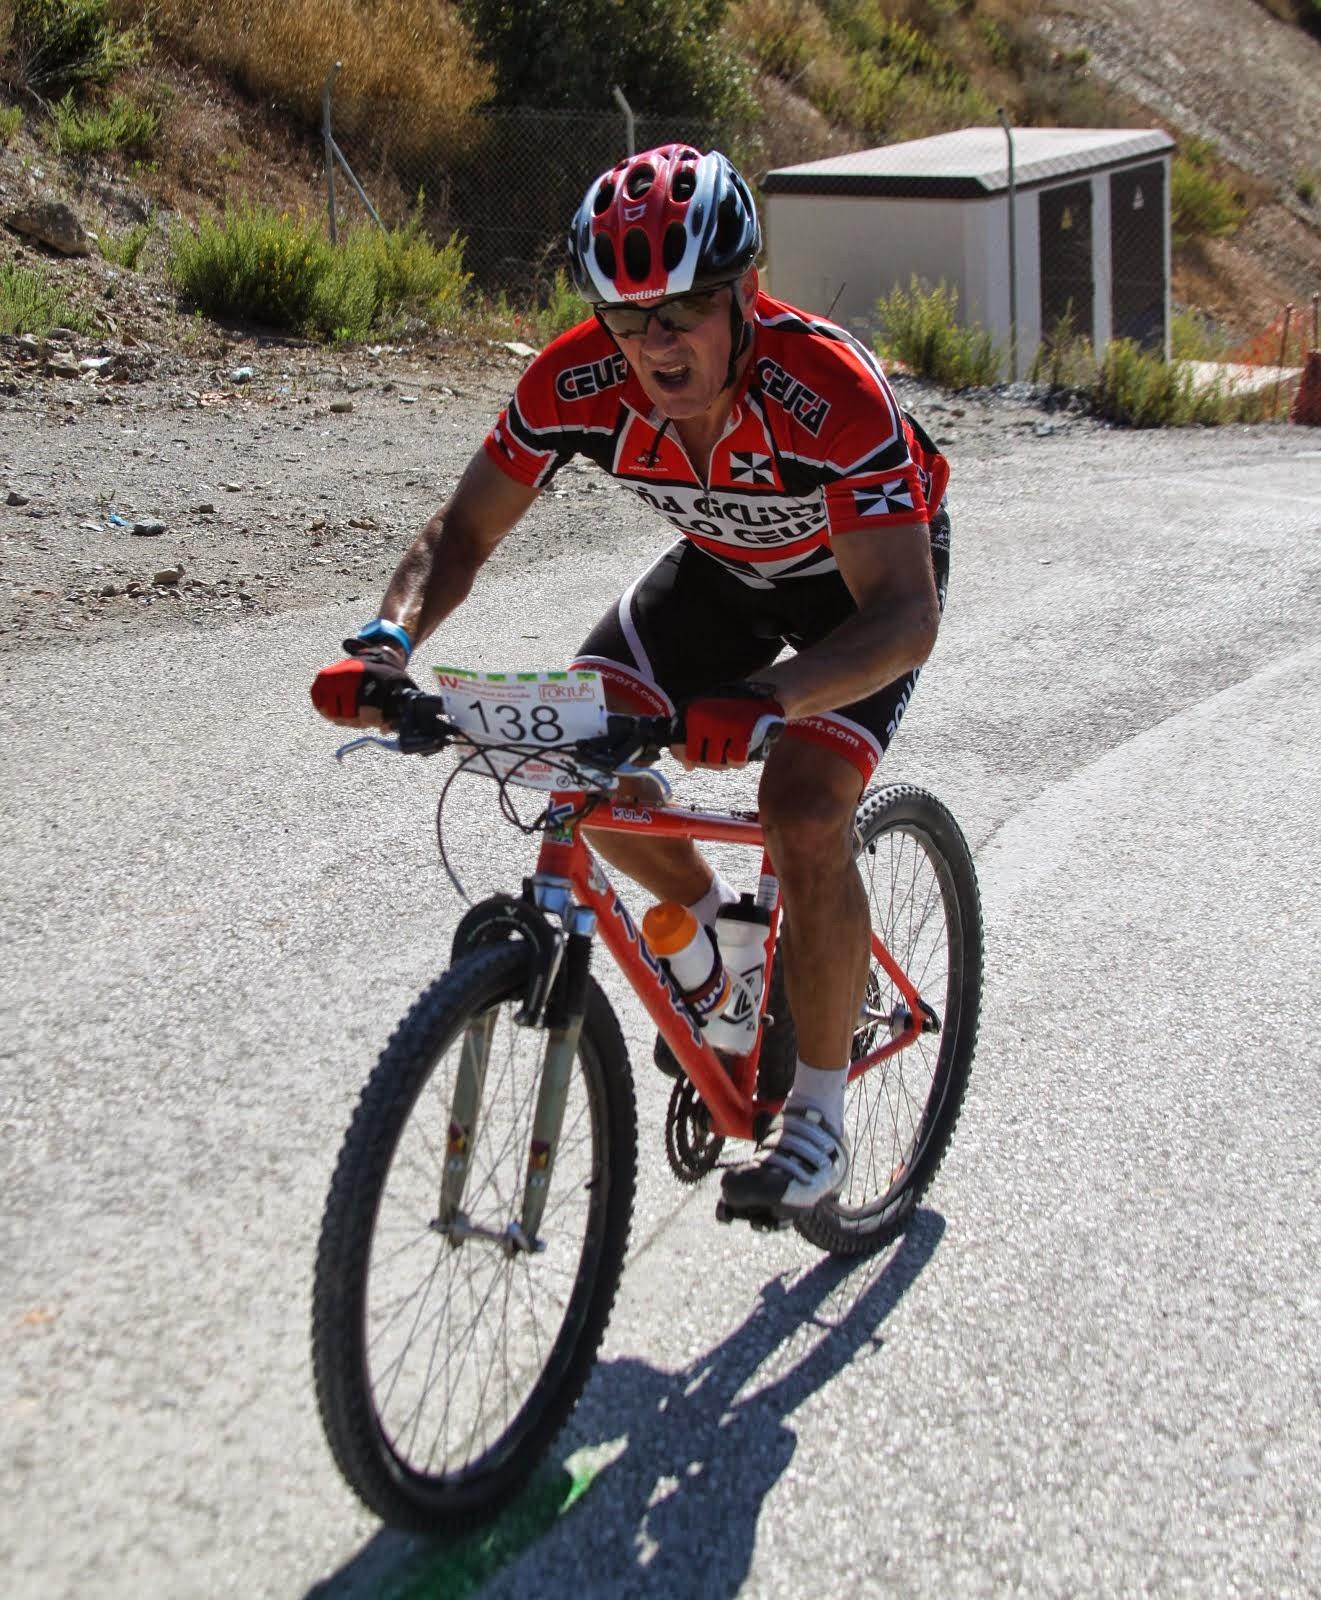 Quero lo bordó en la ciclo BTT de Ceuta